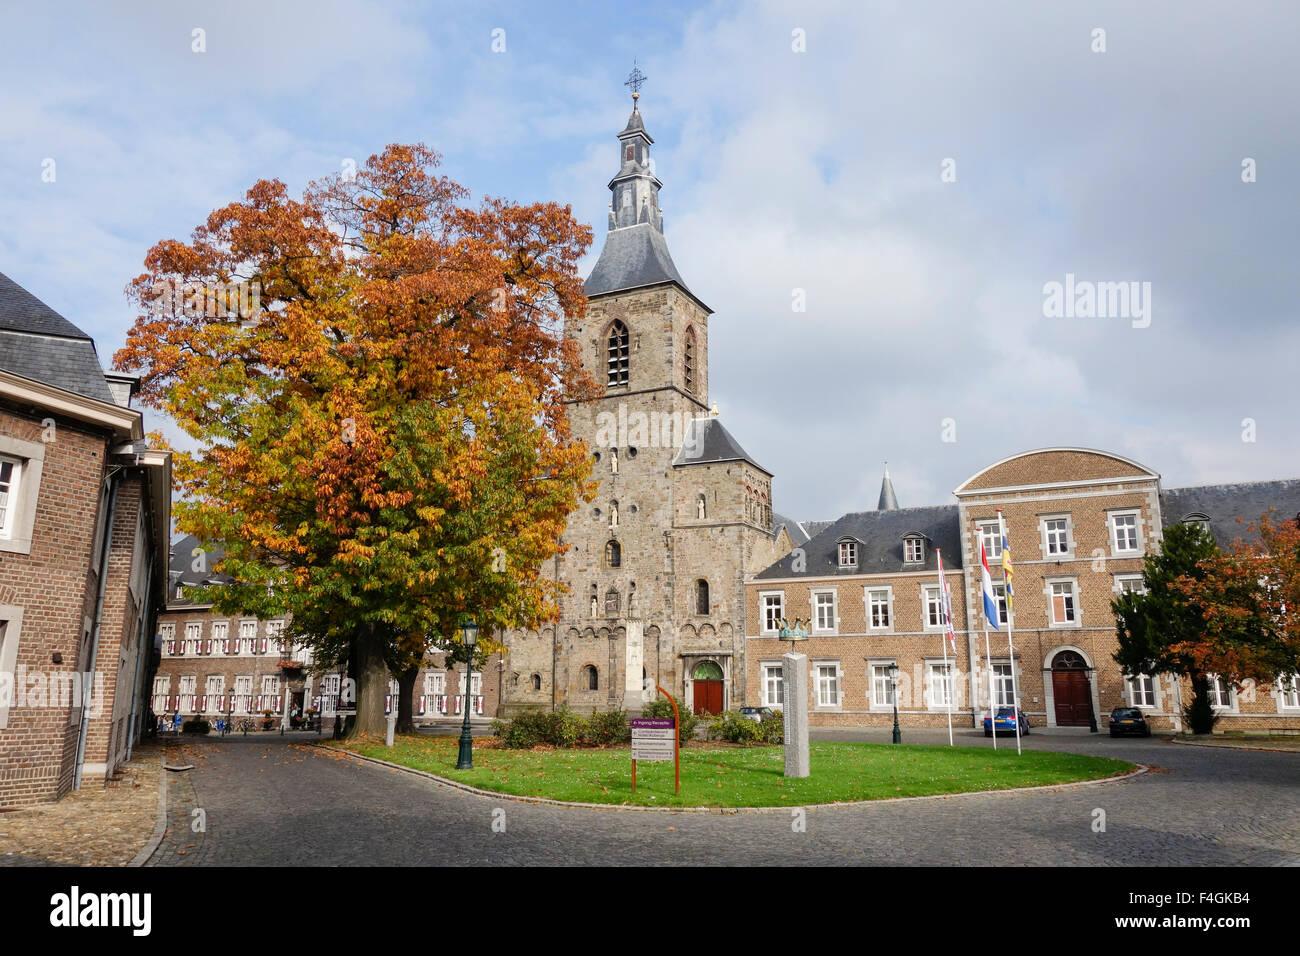 Kerkrade Niederlande rolduc mittelalterliche abtei kerkrade limburg niederlande